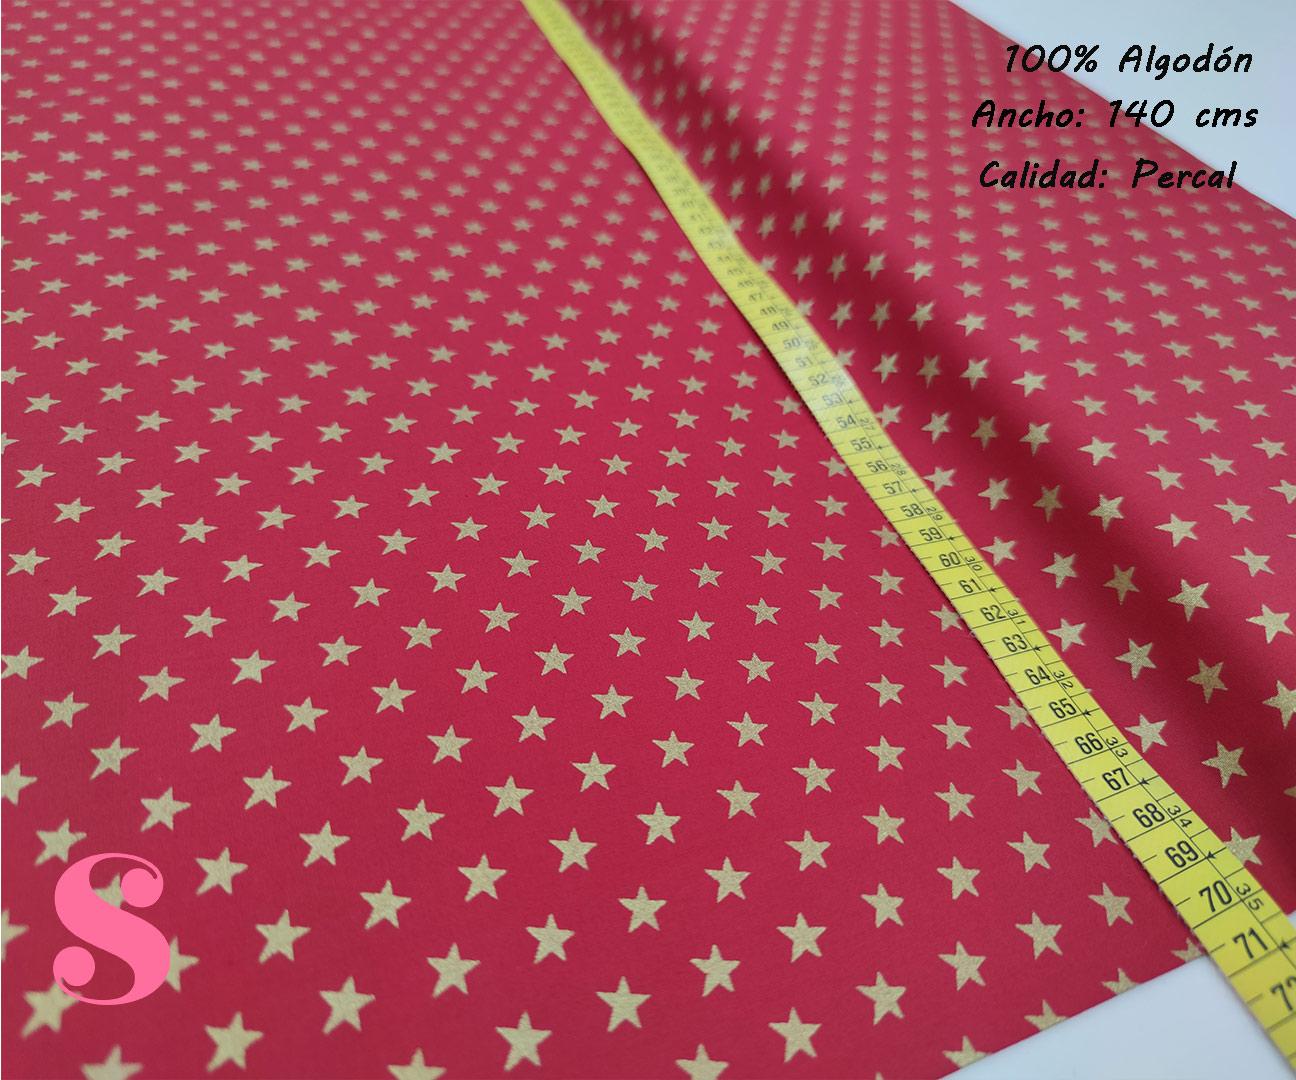 636-estrellas-doradas-fondo-rojo-tejidos-algodón-estampado-percal,telas estampadas de navidad,Tejido Estampado Estrellas Doradas fondo Rojo